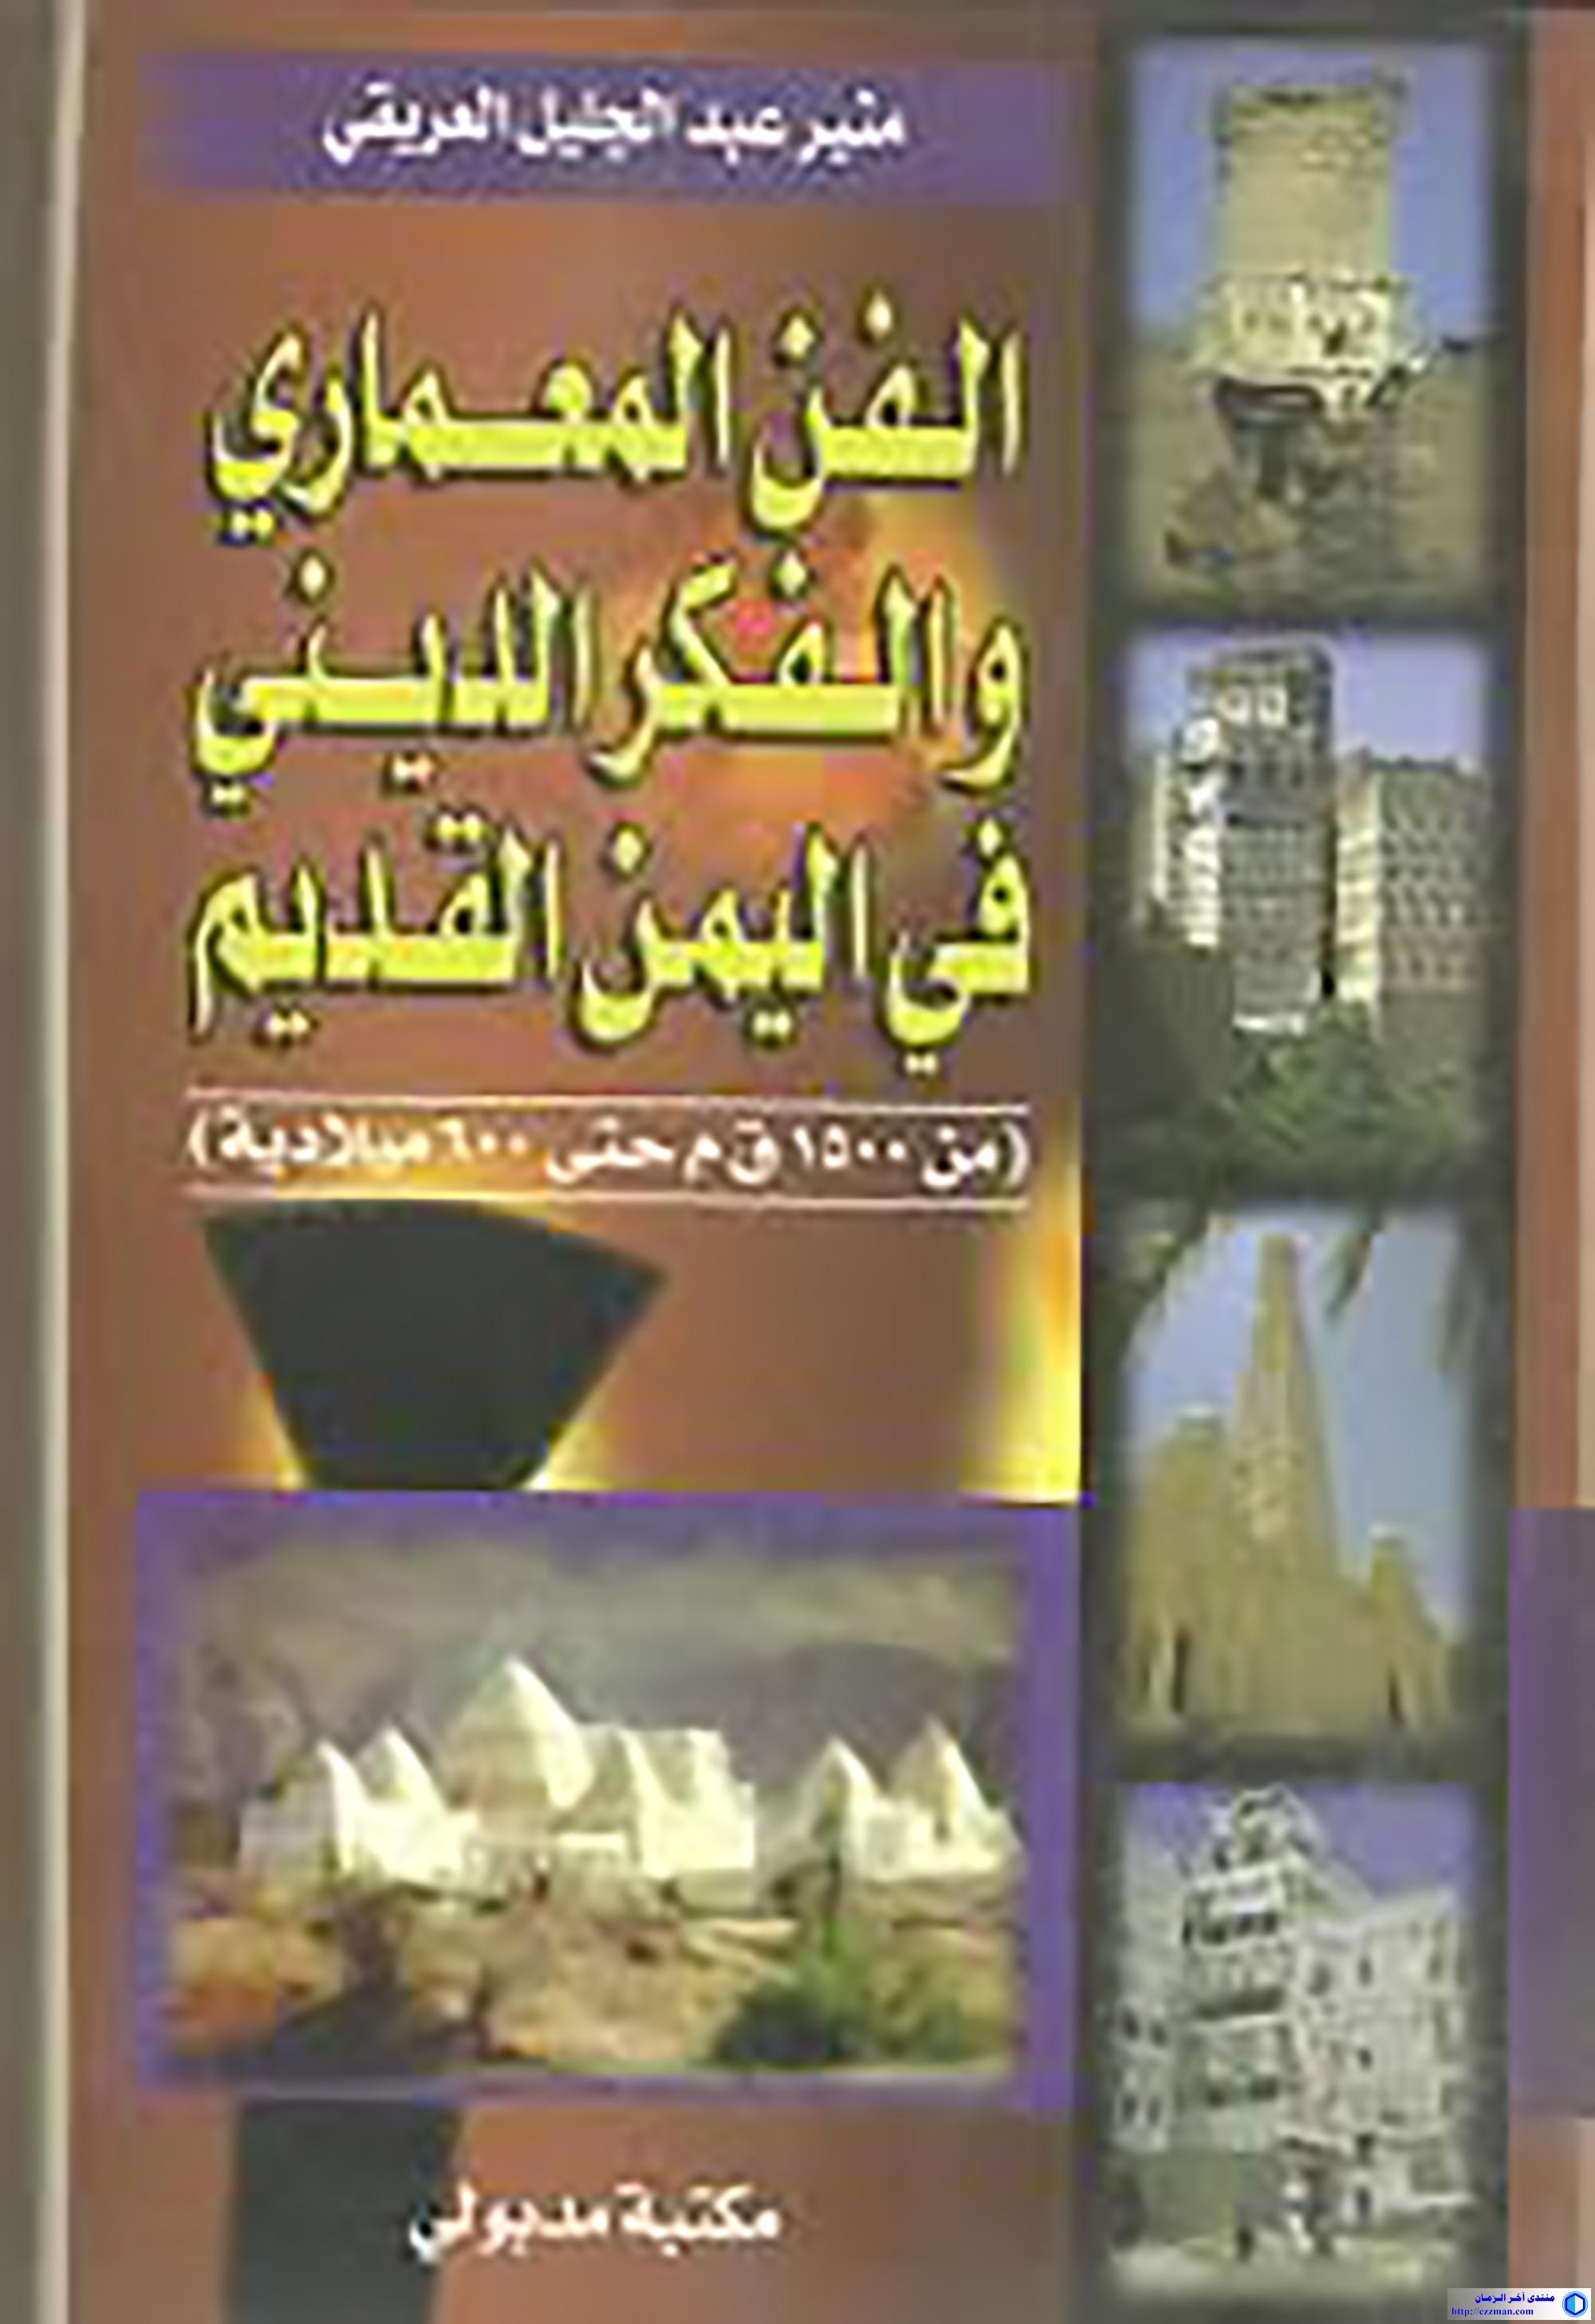 الفن المعماري والفكر الديني اليمن